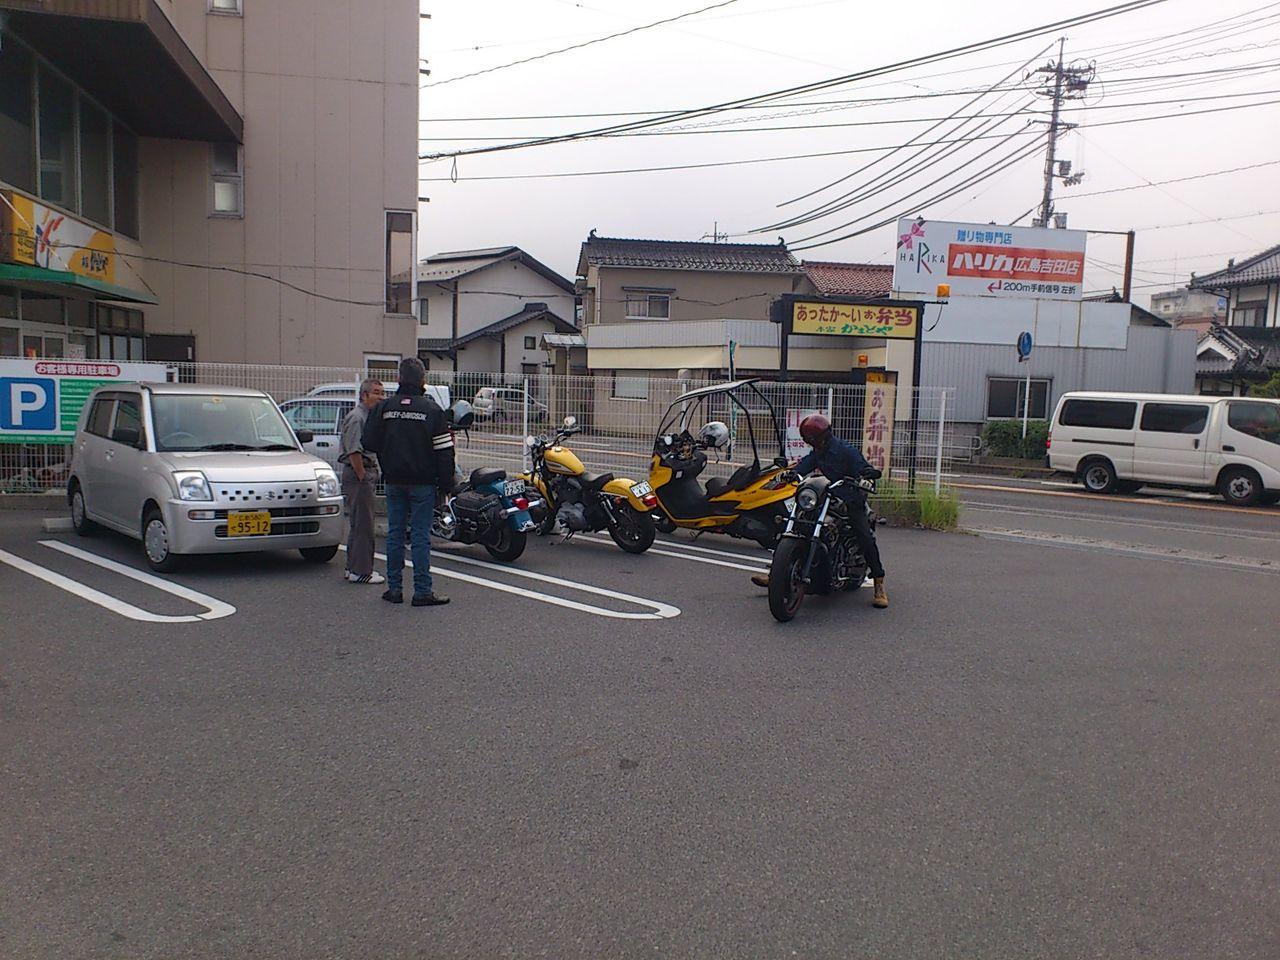 DSC_0079